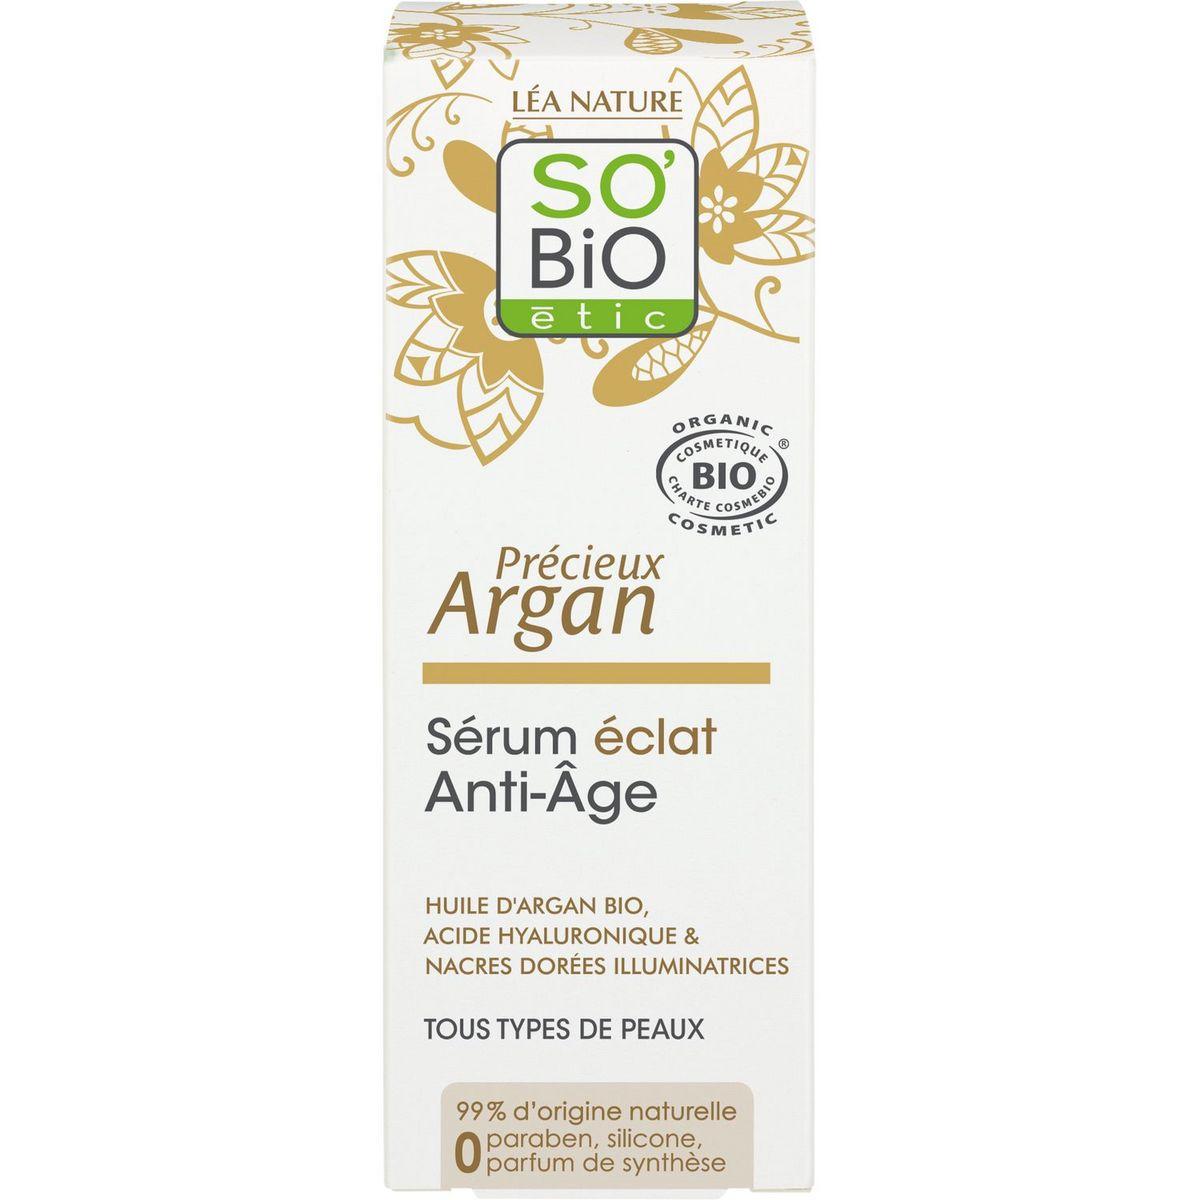 So'Bio étic Sérum éclat anti-âge tous types de peaux 30ml